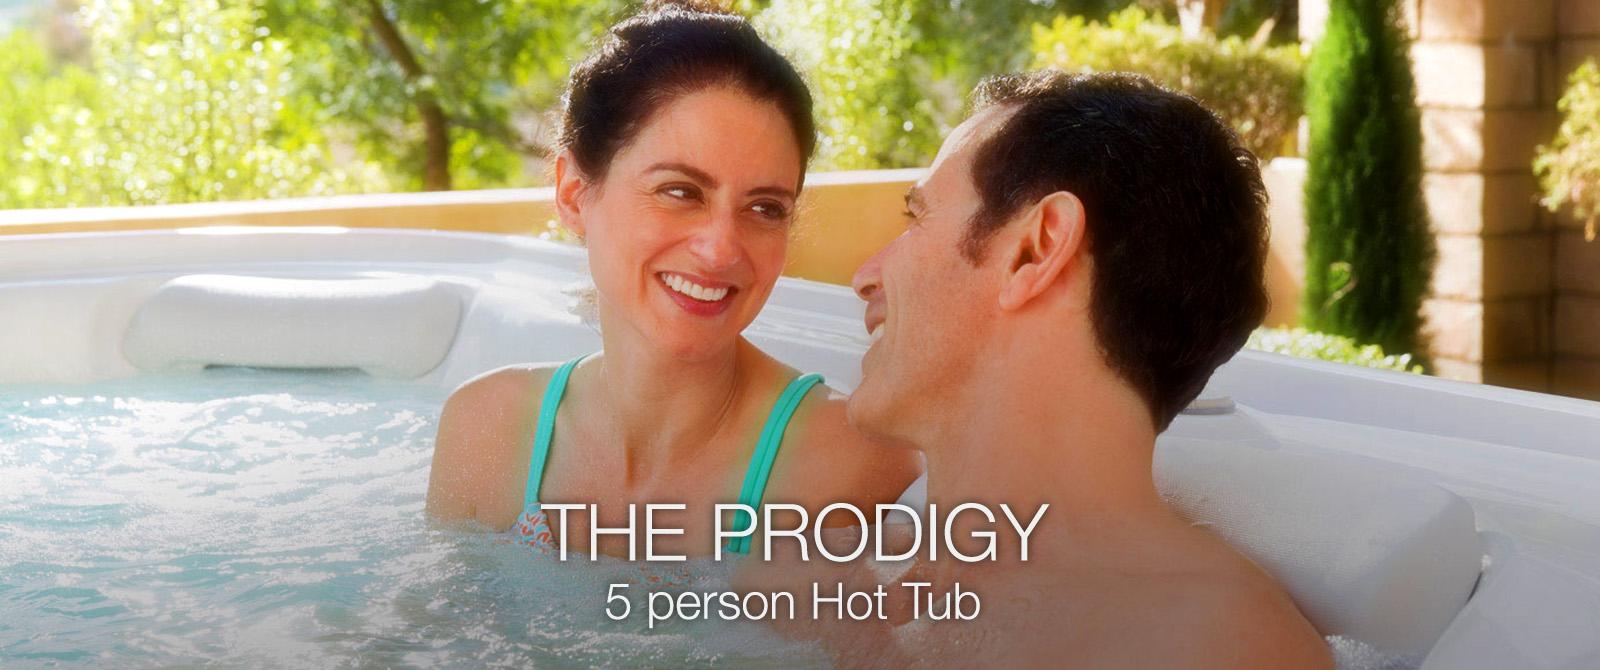 the prodigy hotspring spa lanzarote